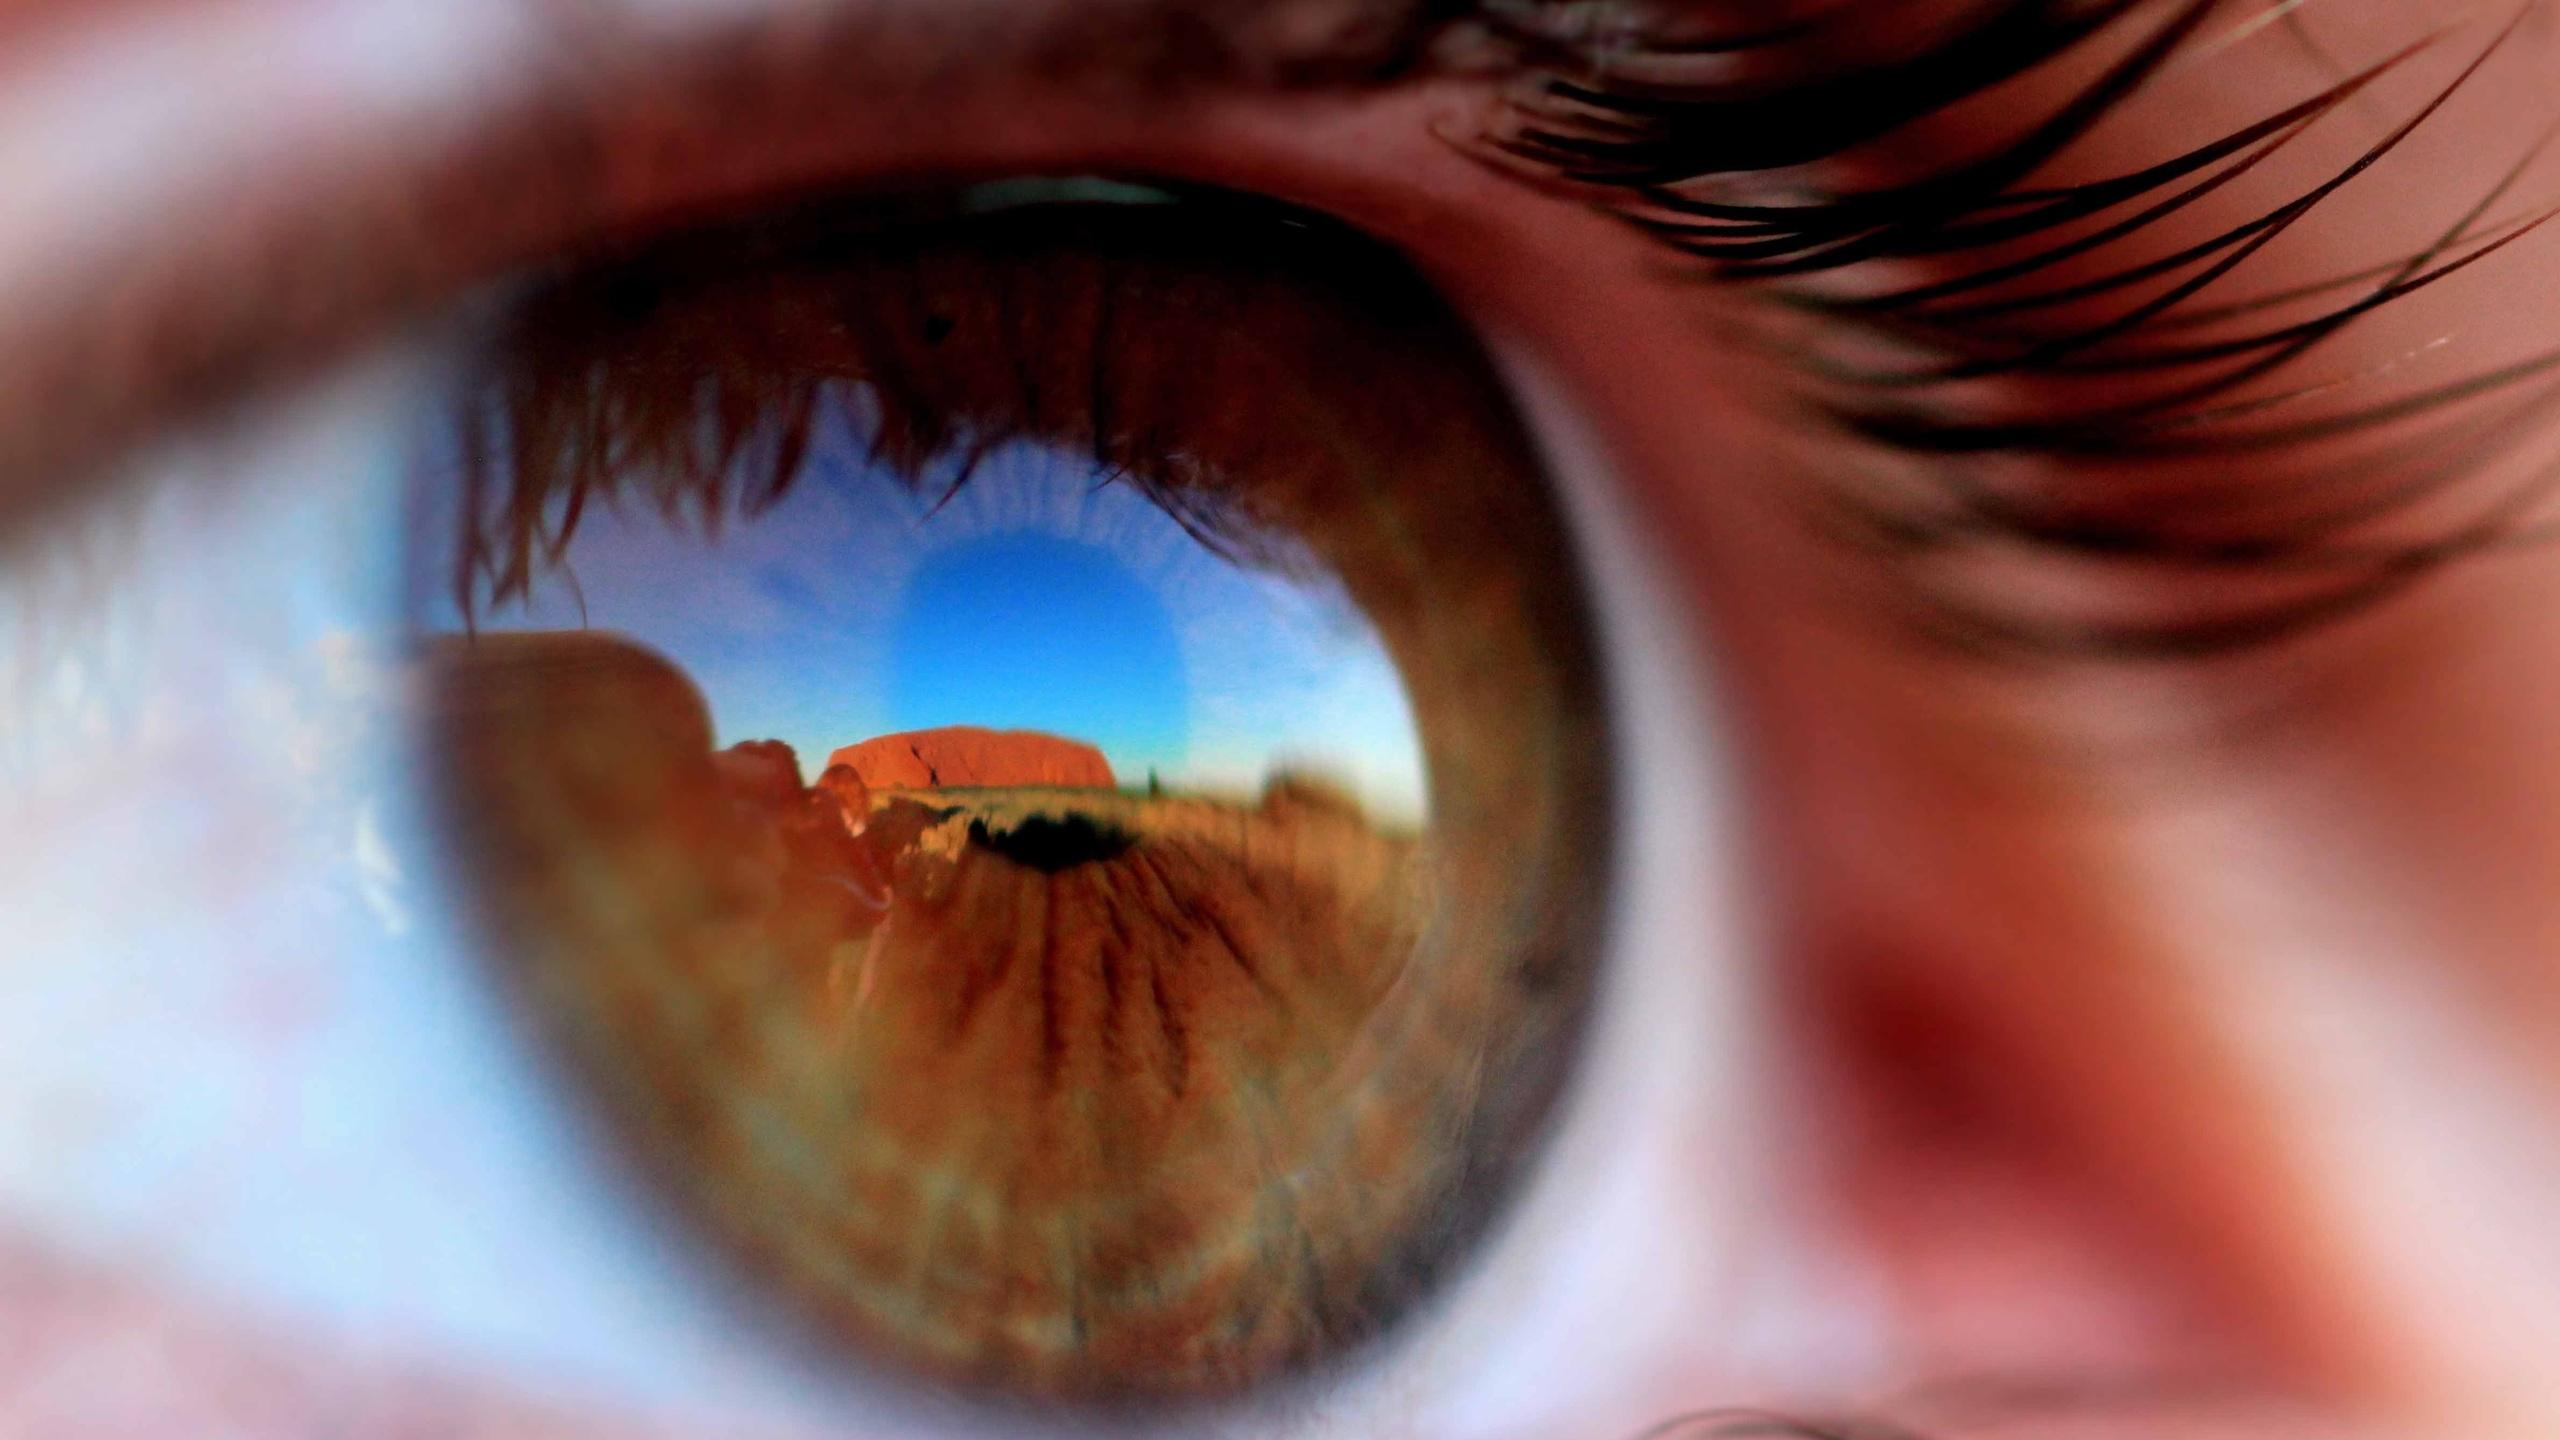 природа глазами человека картинки американские военнослужащие